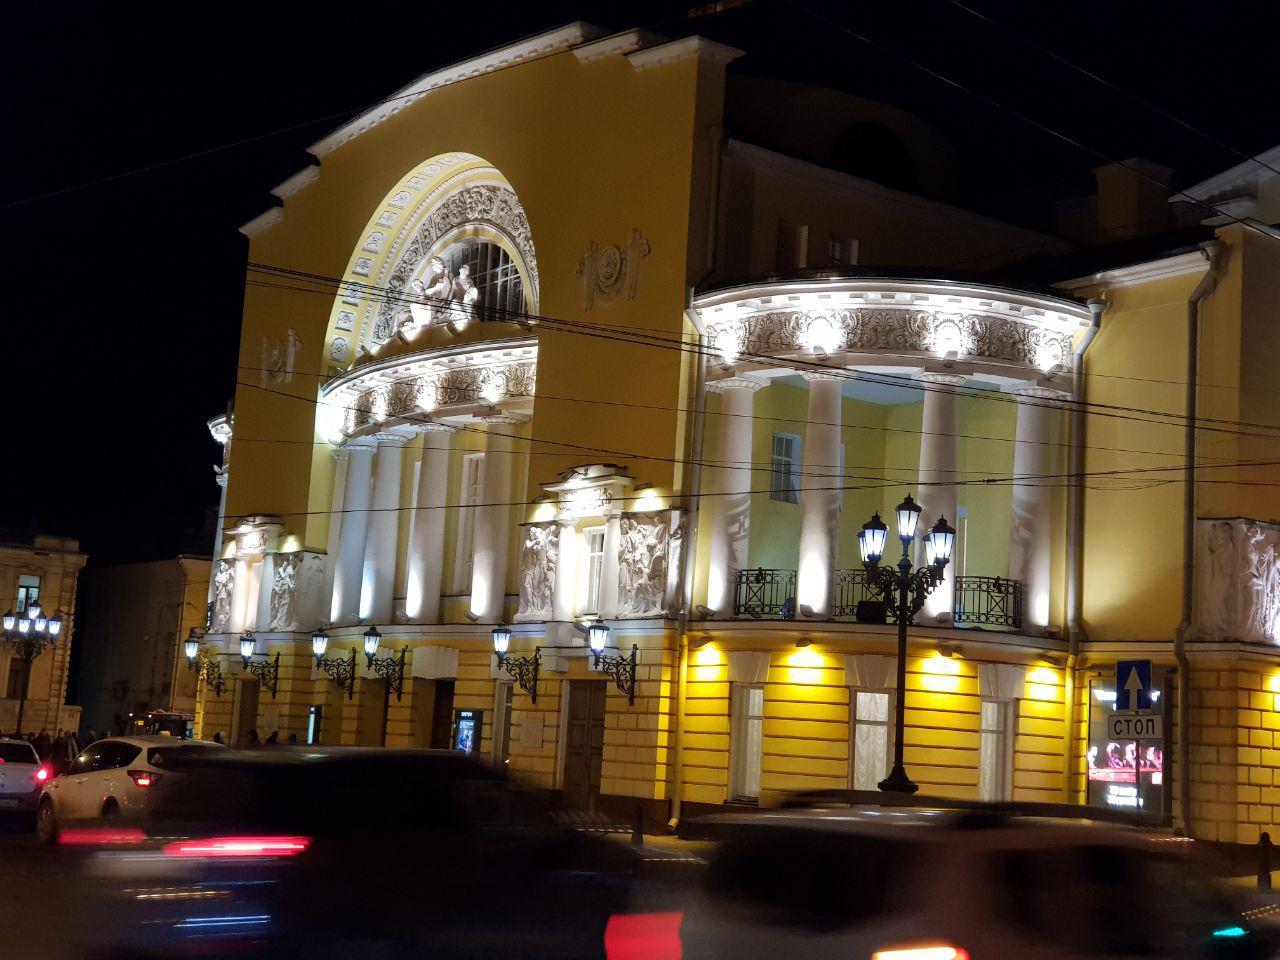 Волковский театр получил статус особо ценного объекта культурного наследия